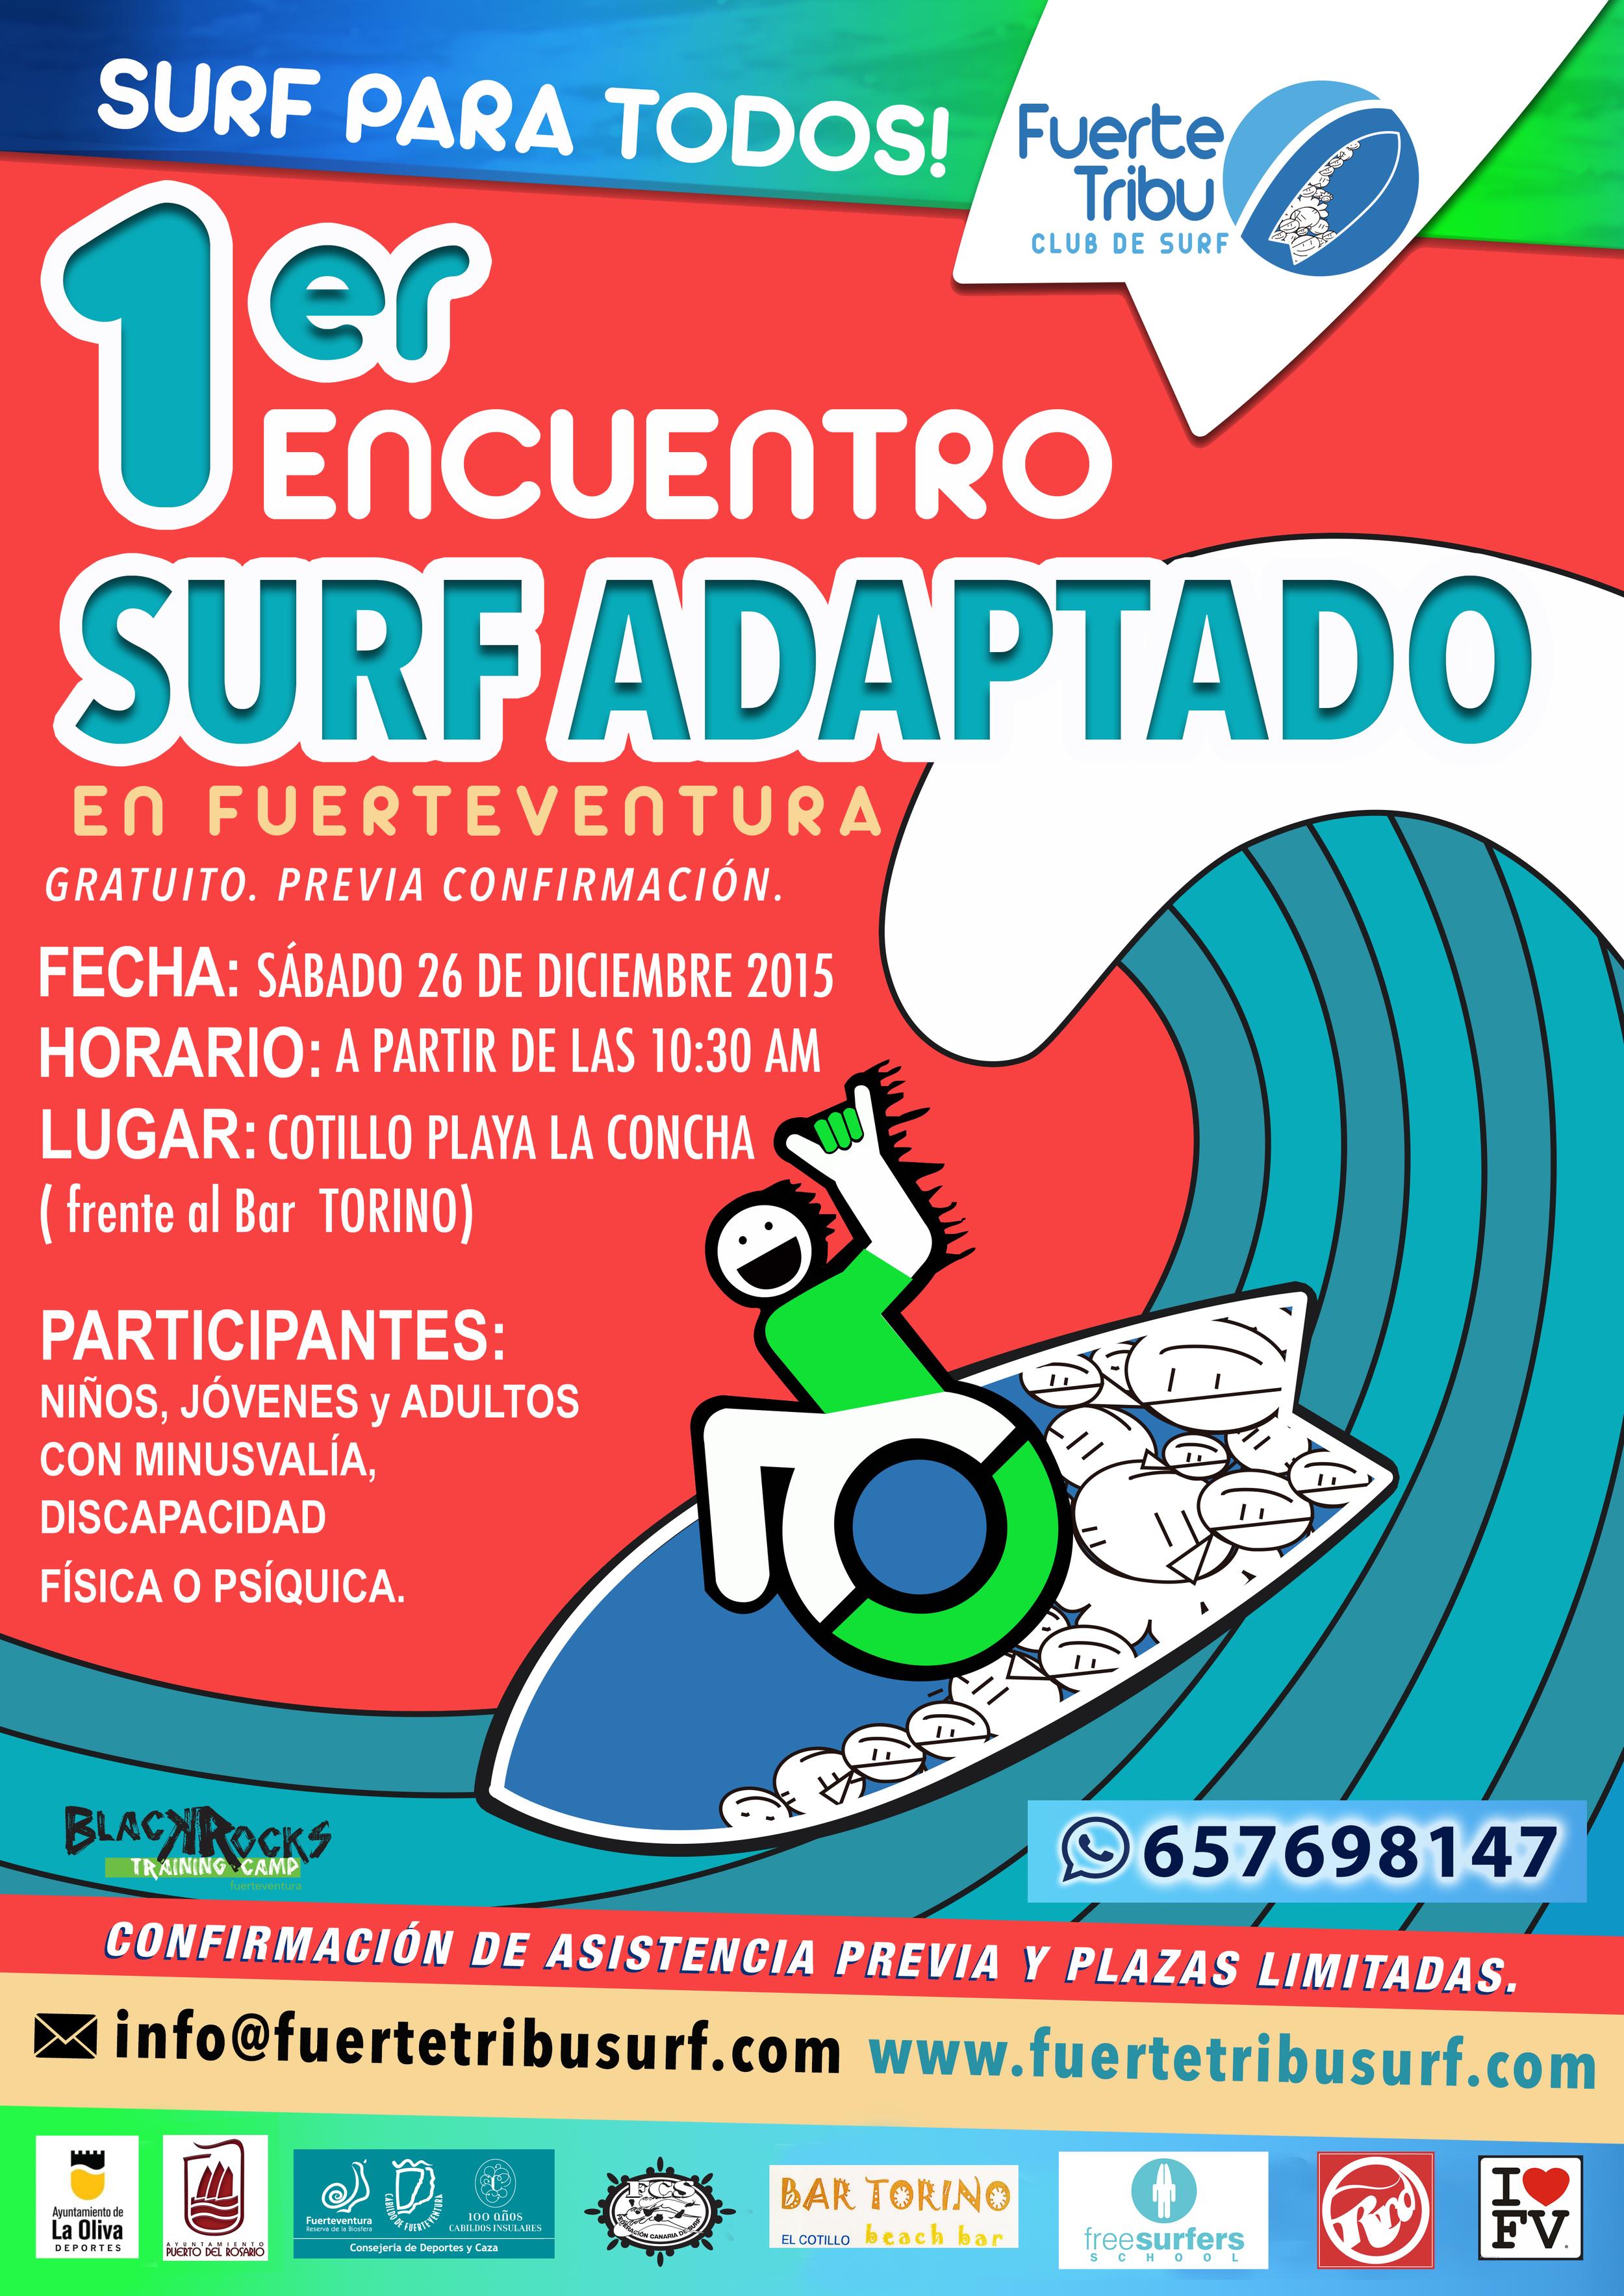 26 DICIEMBRE 2015, 10:30 H, PLAYA DEL COTILLO , LA CONCHA. EVENTO GRATUITO, PREVIA CONFIRMACIÓN